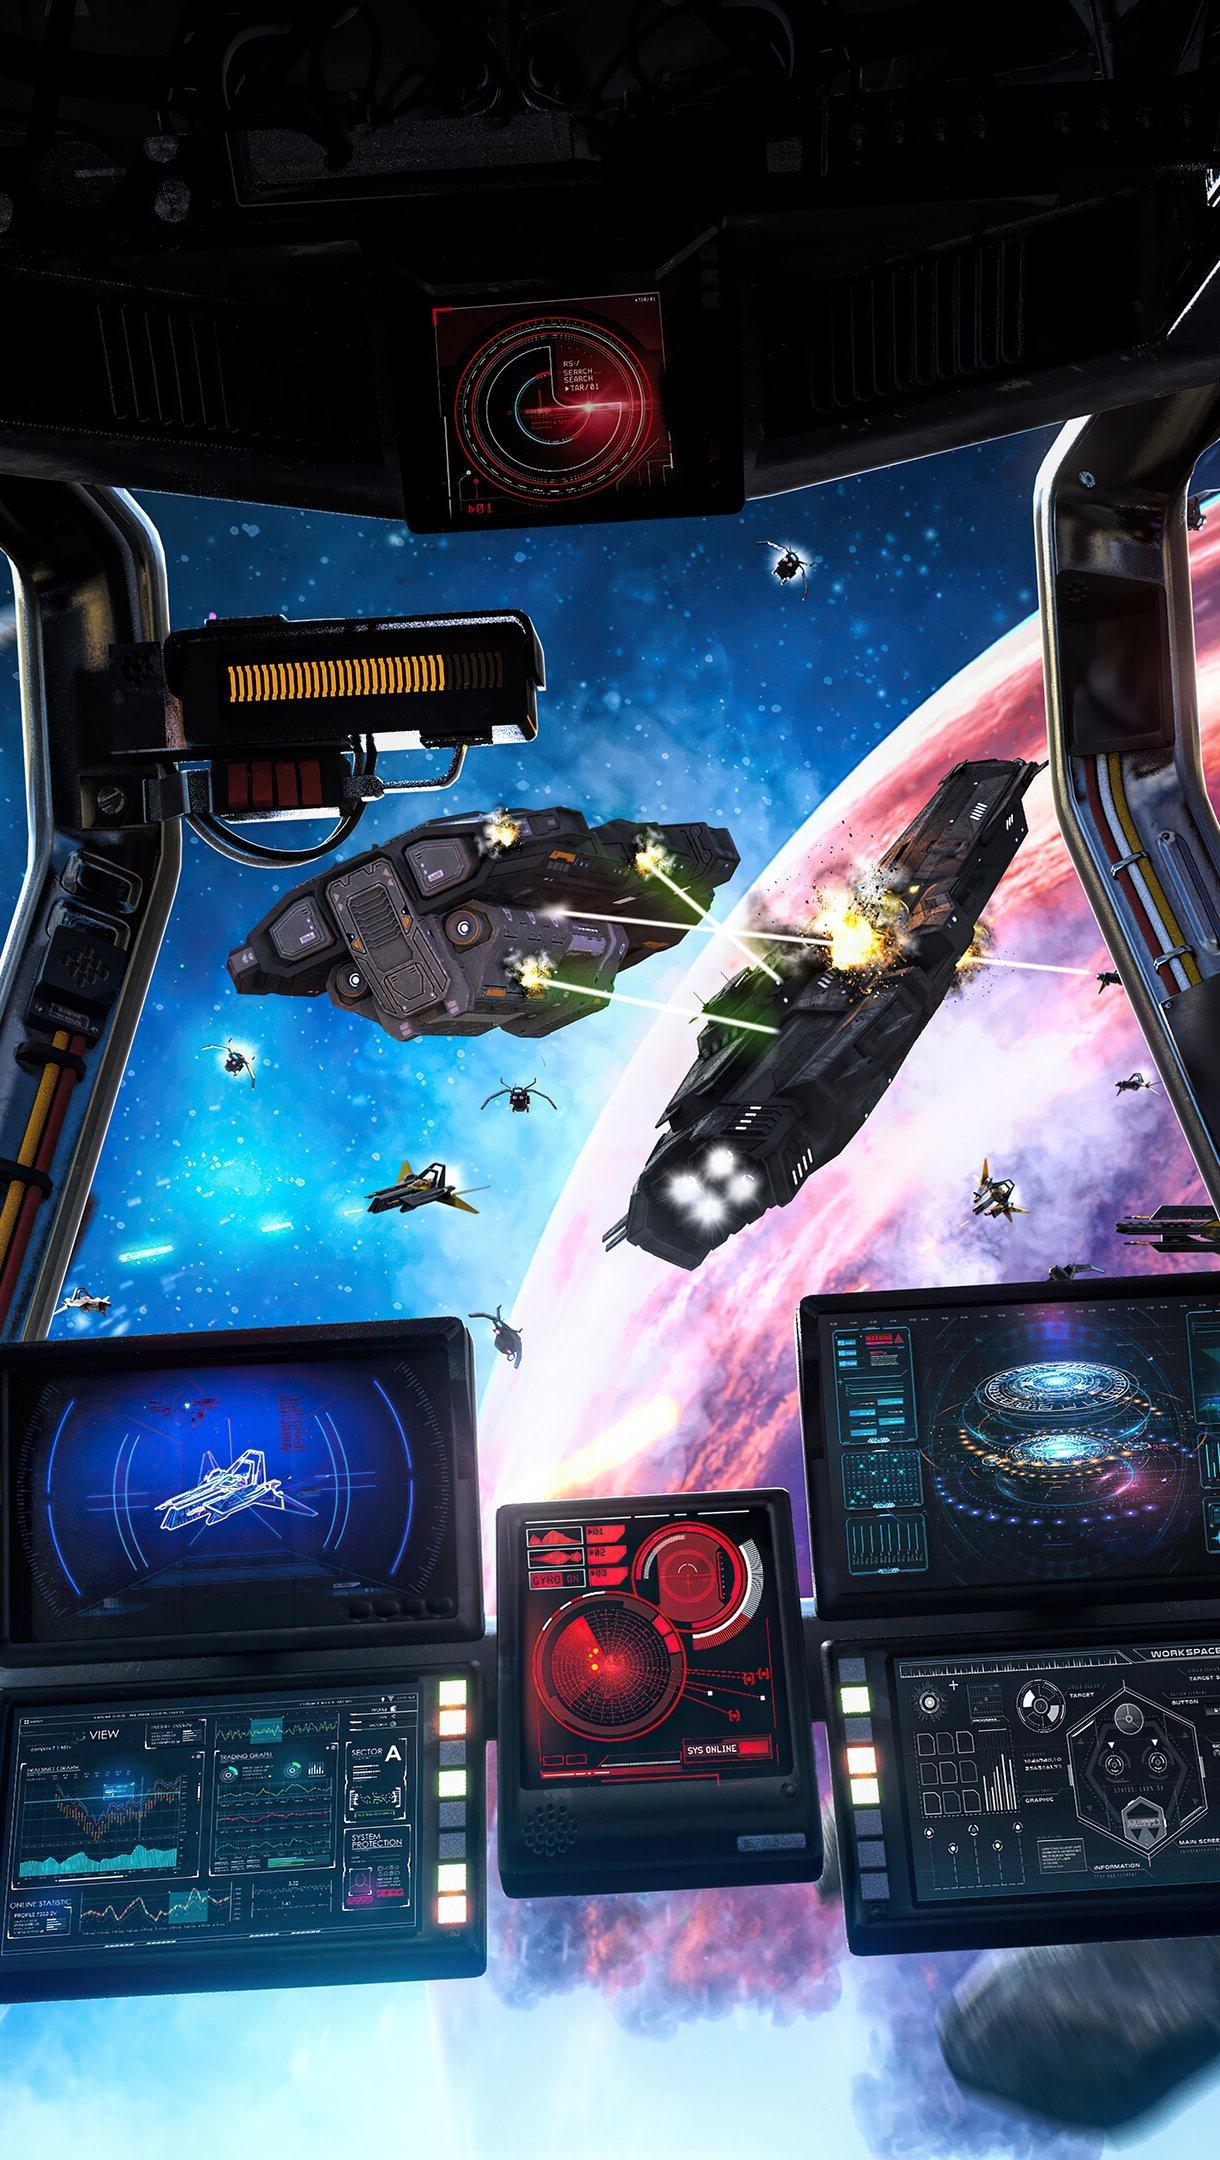 Fondos de pantalla Nave espacial en batalla Vertical